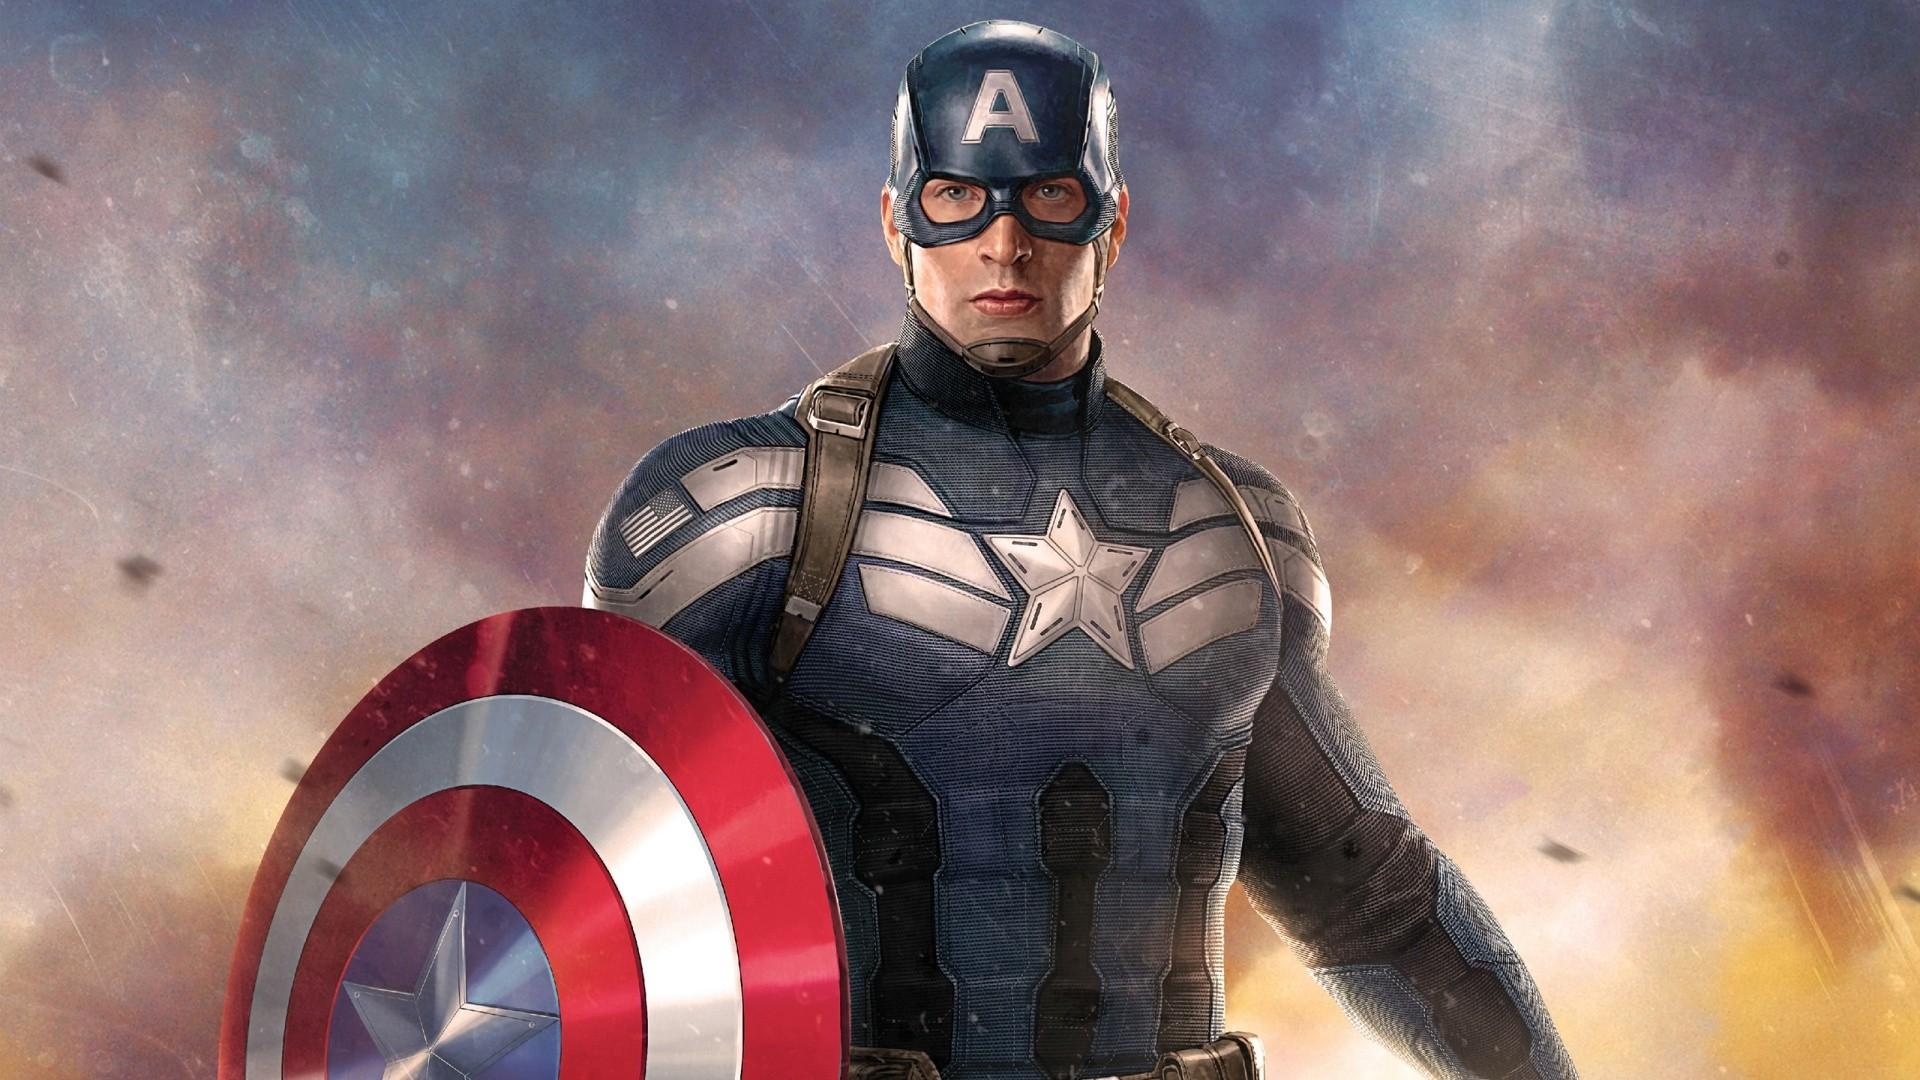 Captain America beautiful wallpaper